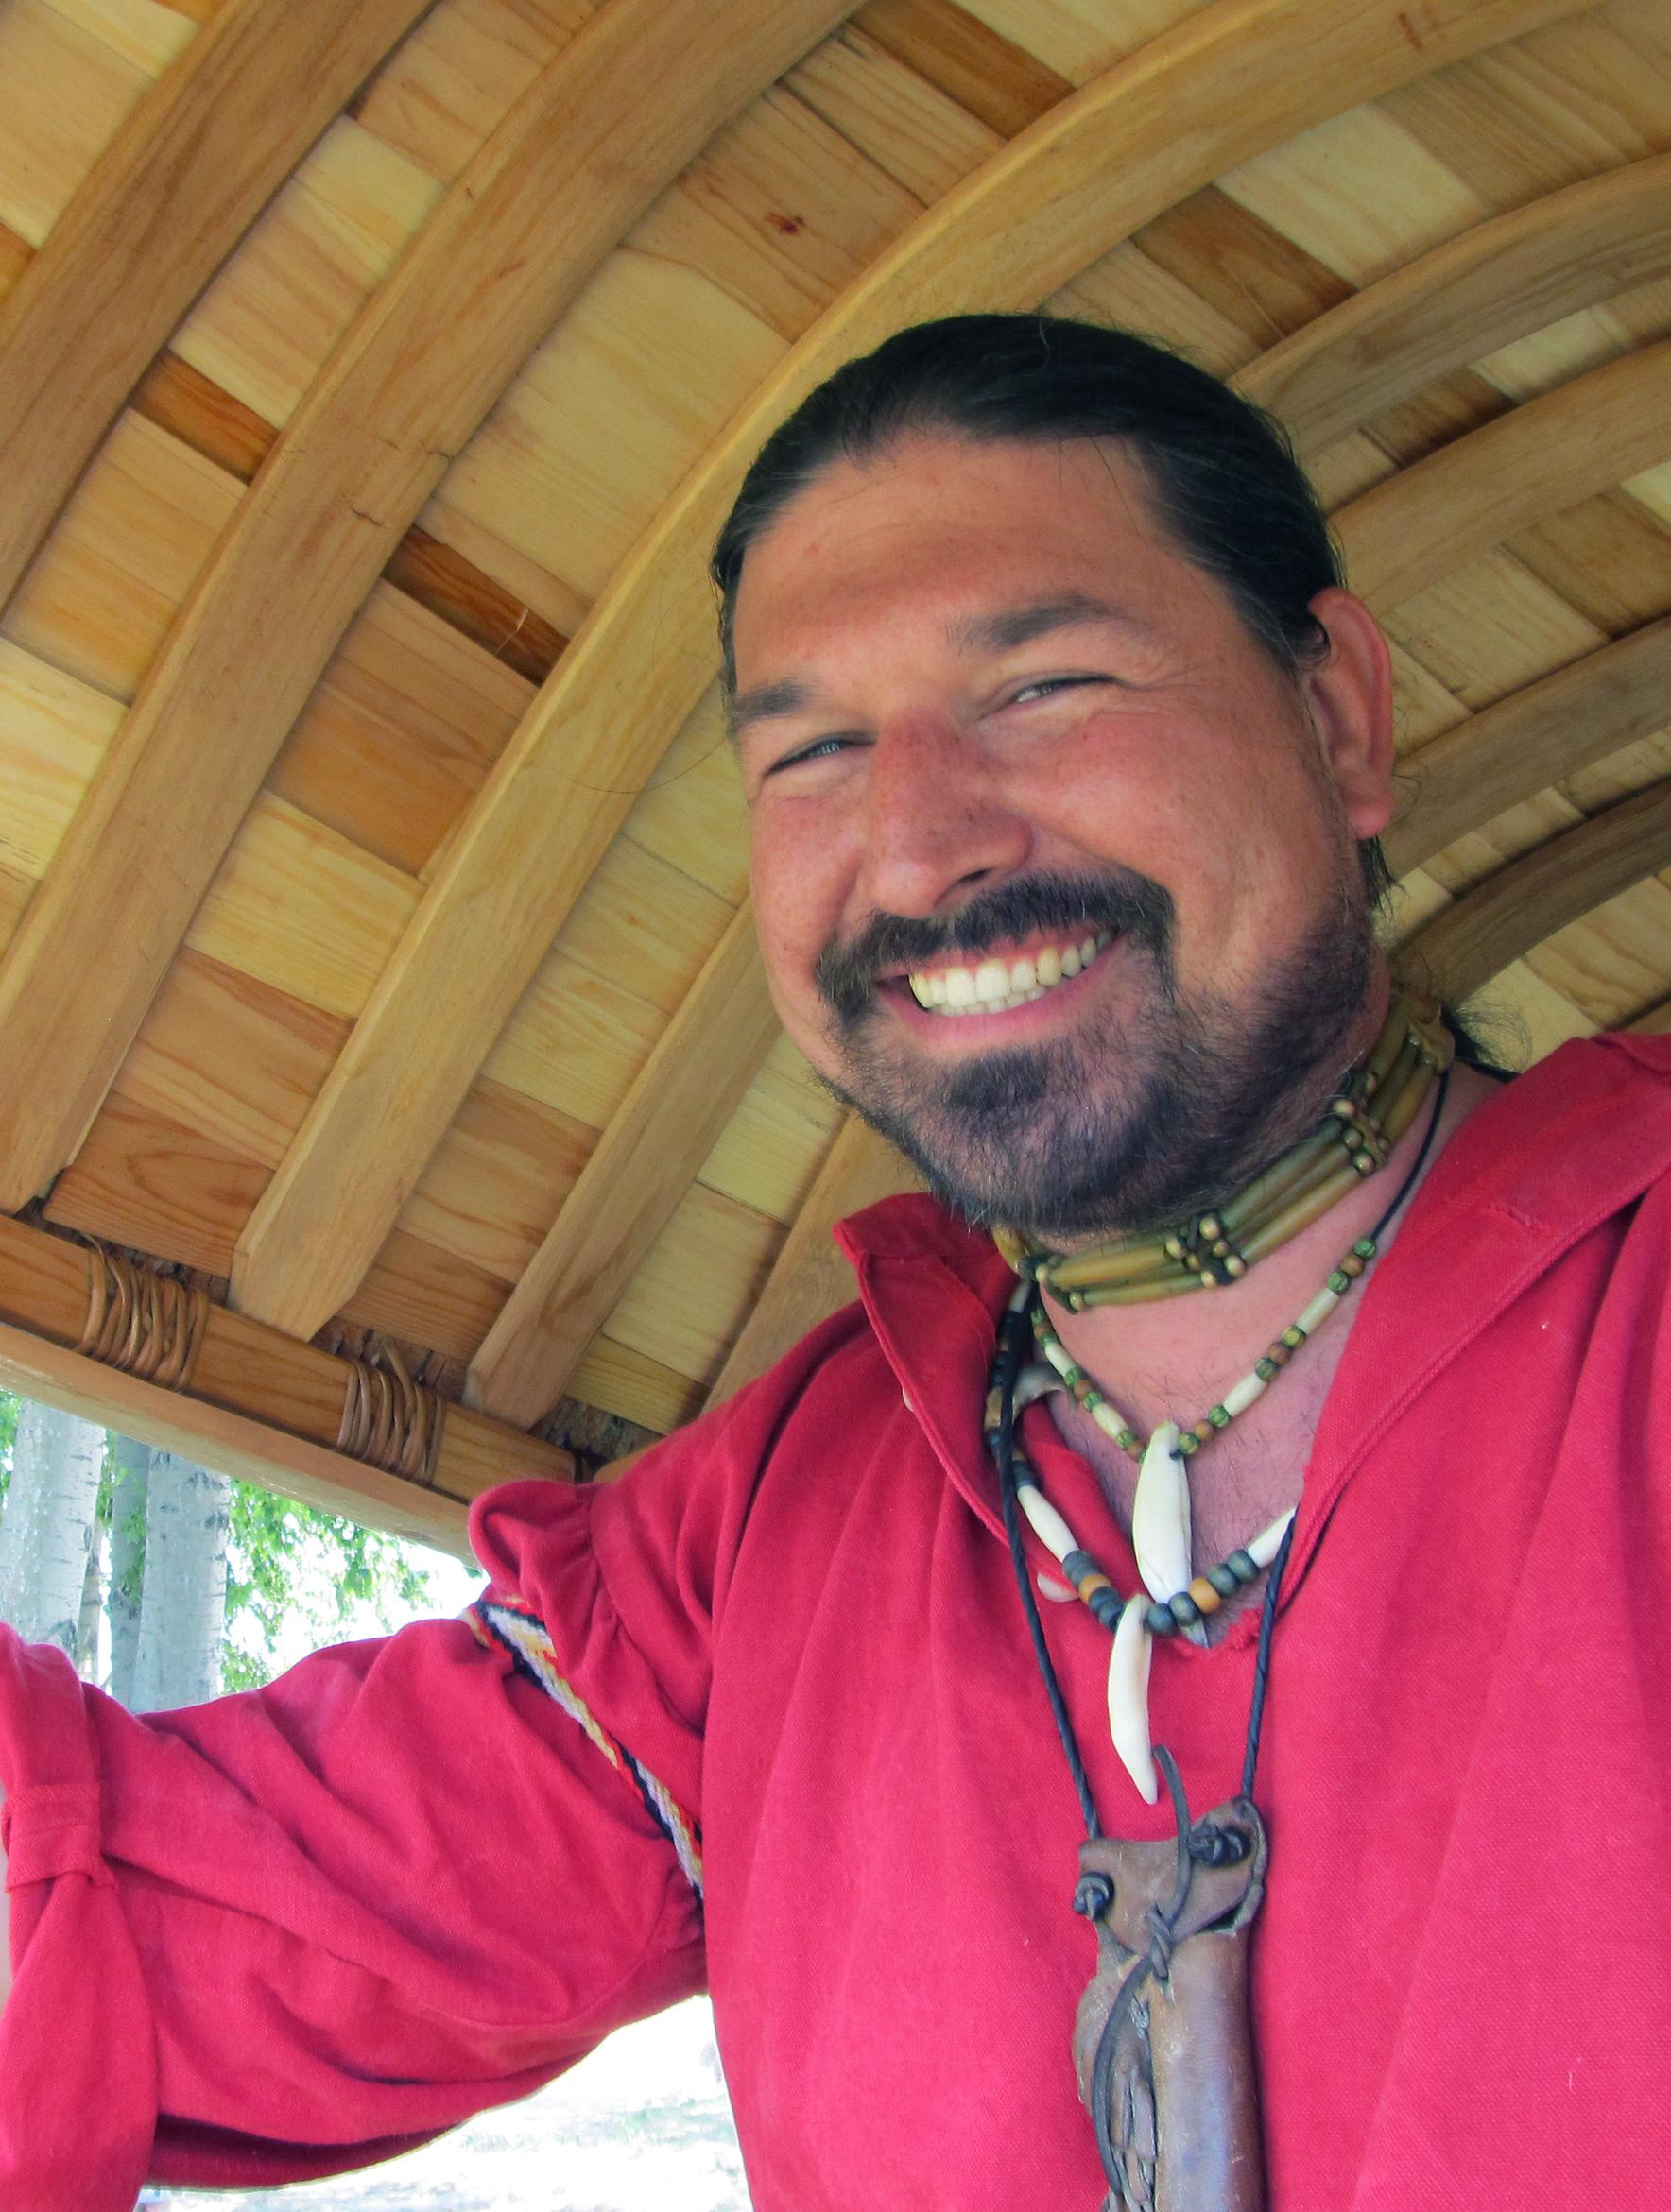 Christian Pilon, voyageur extraordinaire, ambassadeur du Défi Coureurs des bois